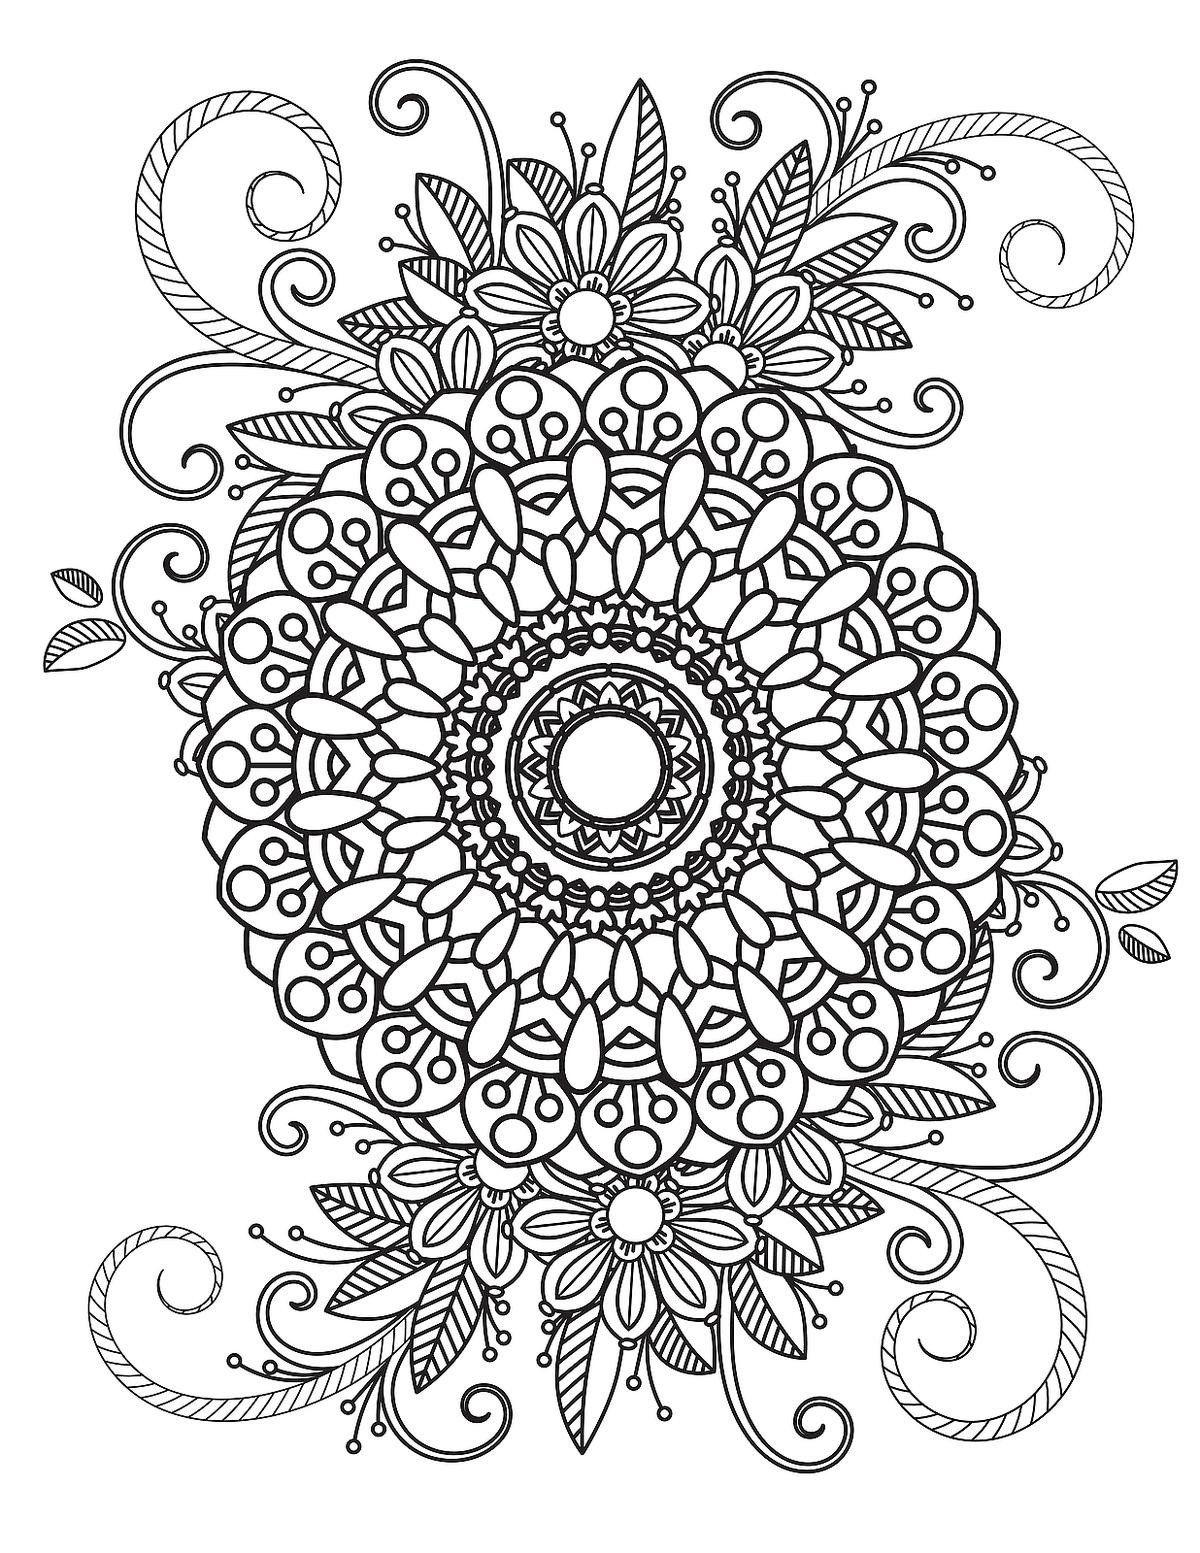 Mandalas Coloring Pages To Print Mandala Coloring Pages Printable Coloring Pages Of Mandalas Mandala Coloring Pages Mandala Coloring Coloring Pages